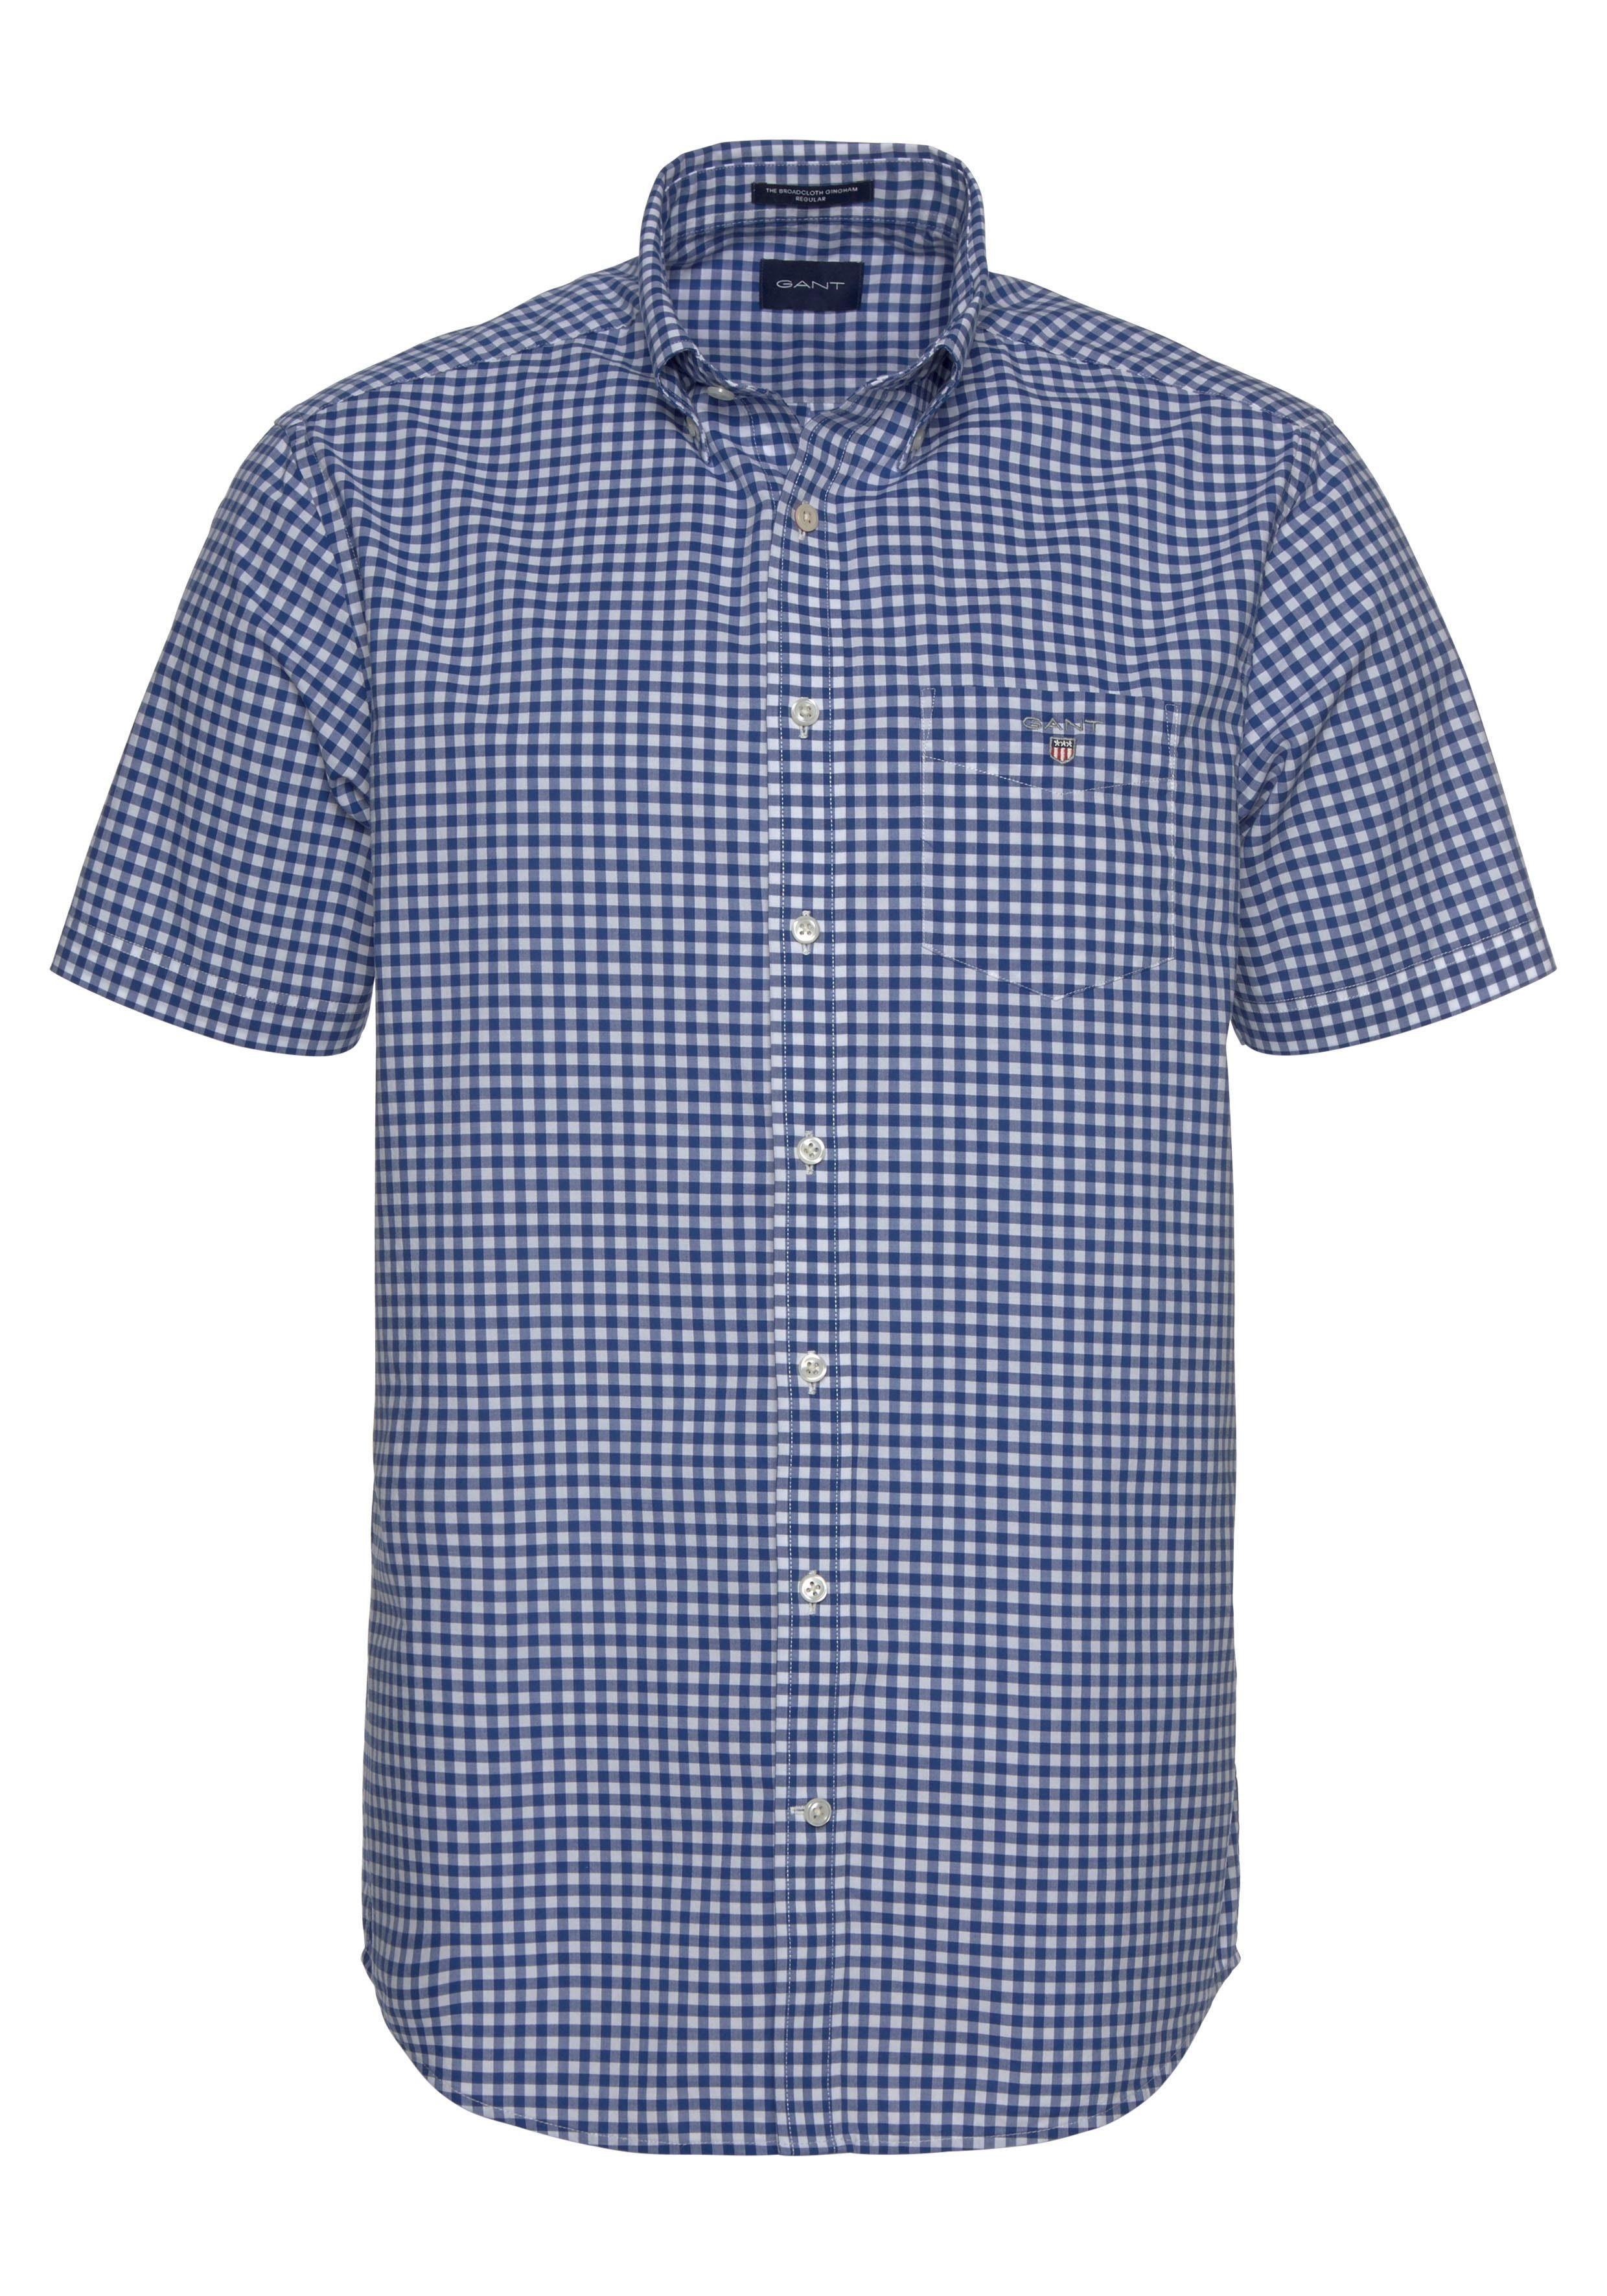 Gant Overhemd Met Korte Mouwen The Broadcloth Gingham Reg Bd Nu Online Bestellen - Geweldige Prijs